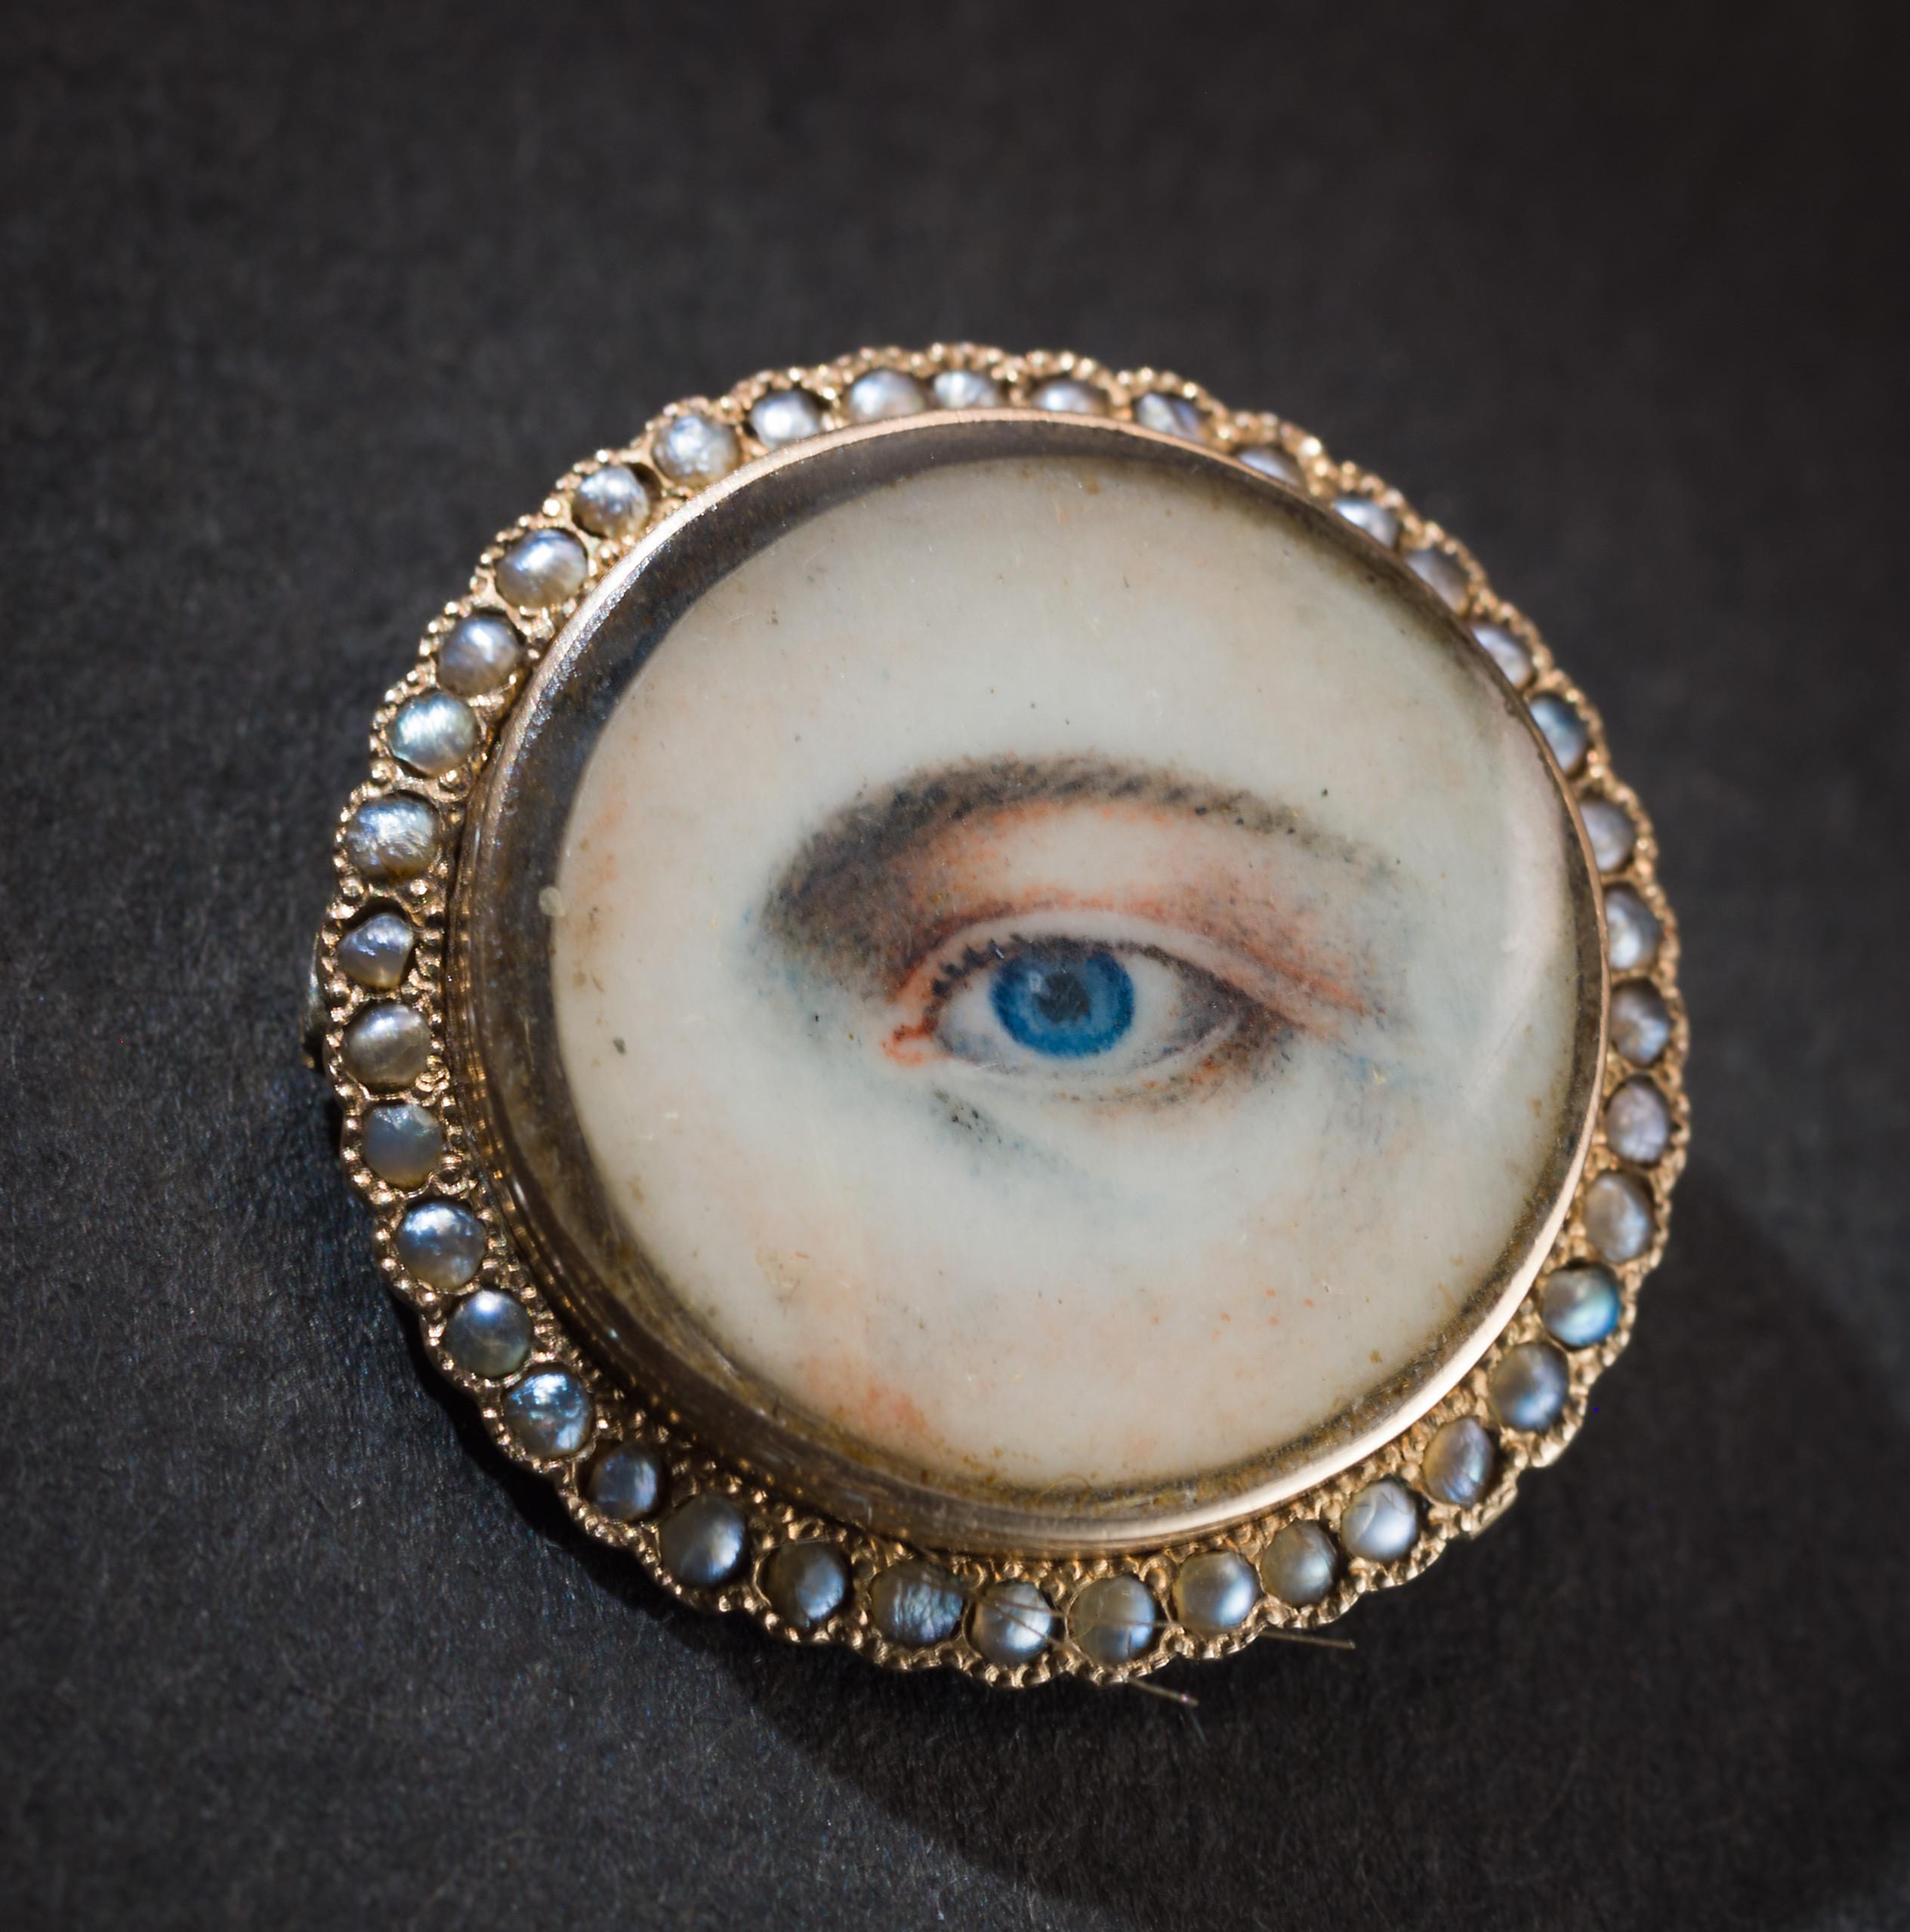 Brosch med hårslinga på baksidan Brosch av guld, ben, pärlor och hår från 1800-talets första hälft. Under den tunna benplattan med det målade ögat ligger en hårlock